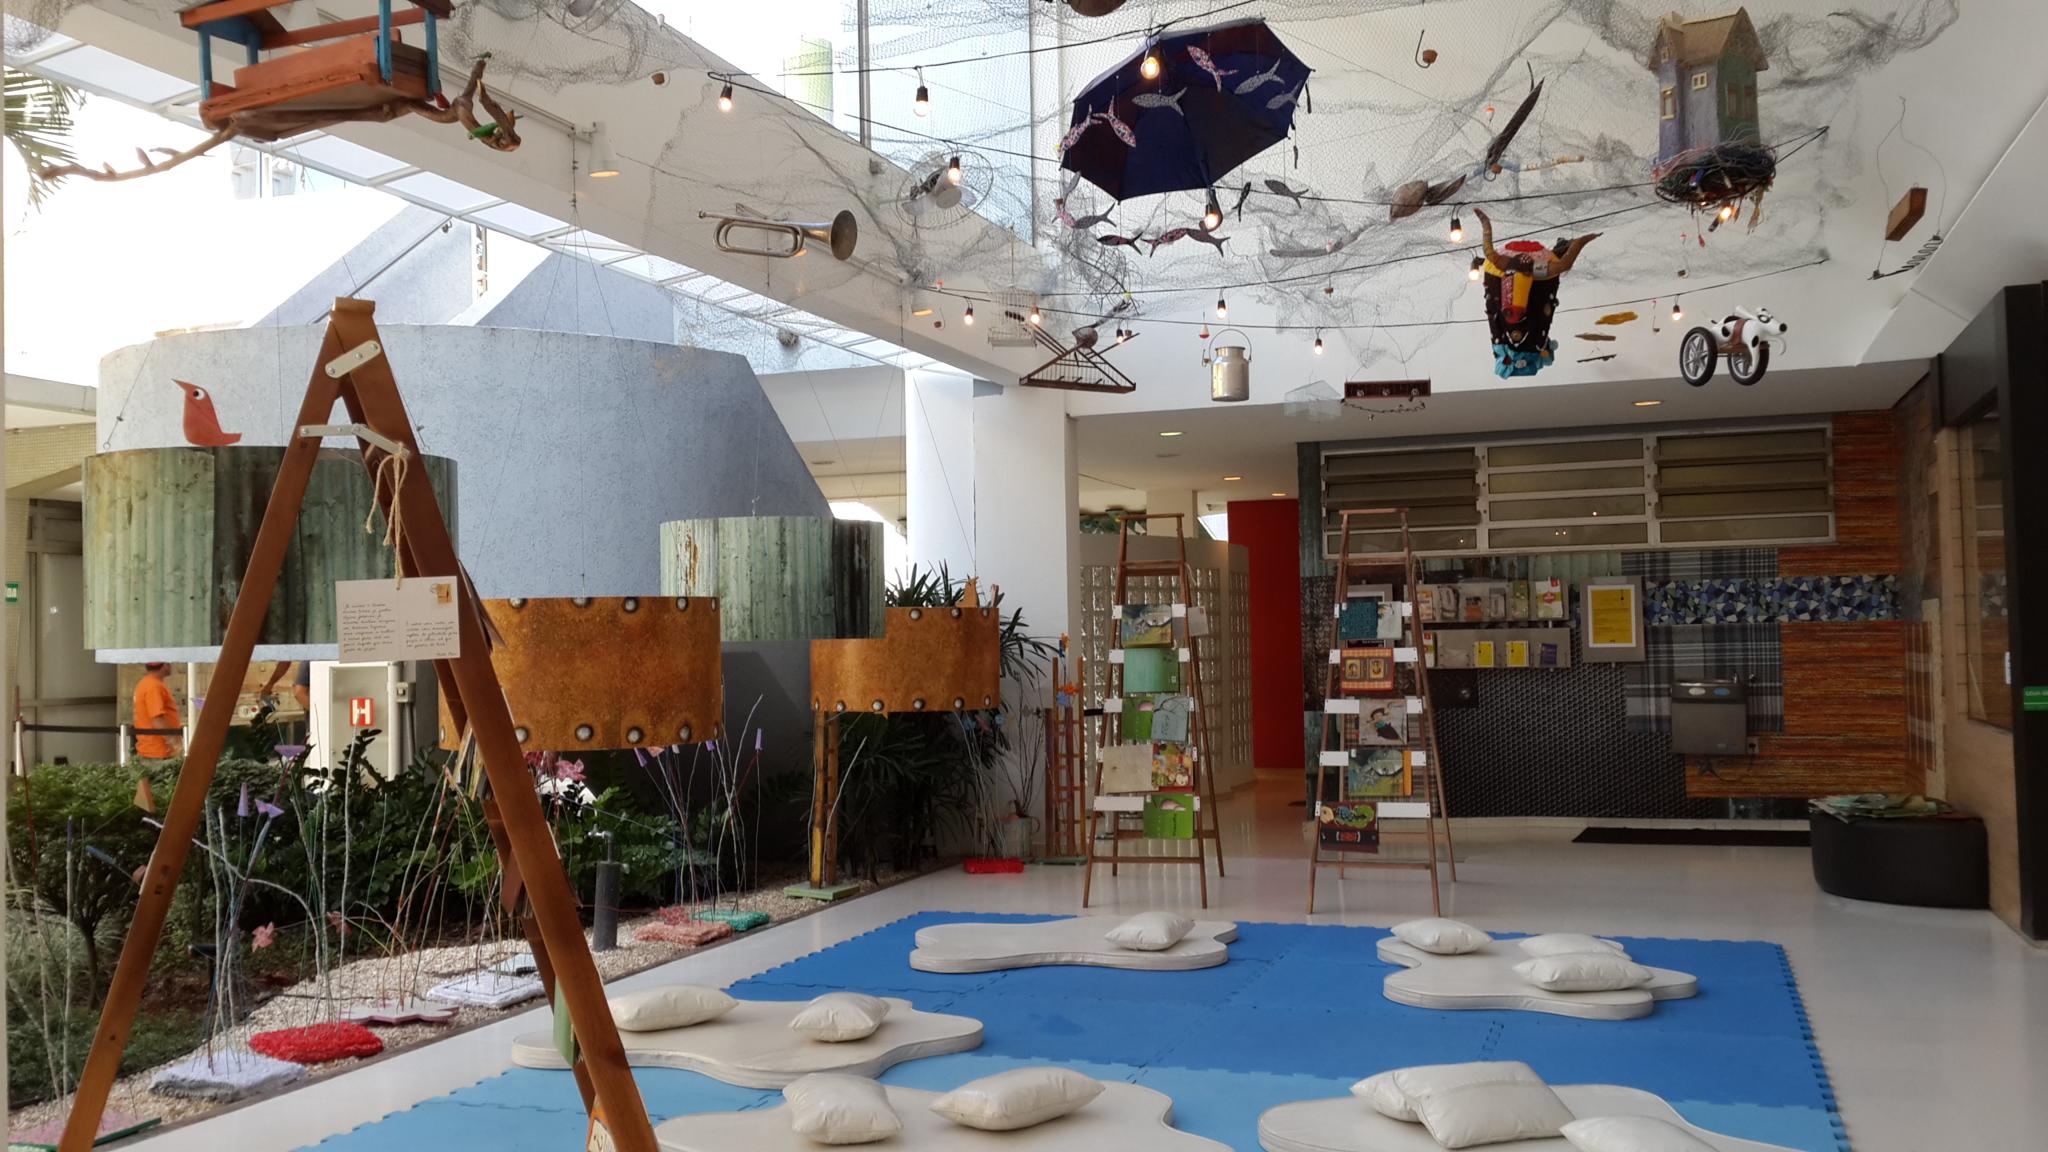 Sesc - Exposição Sesc Ribeirão Preto